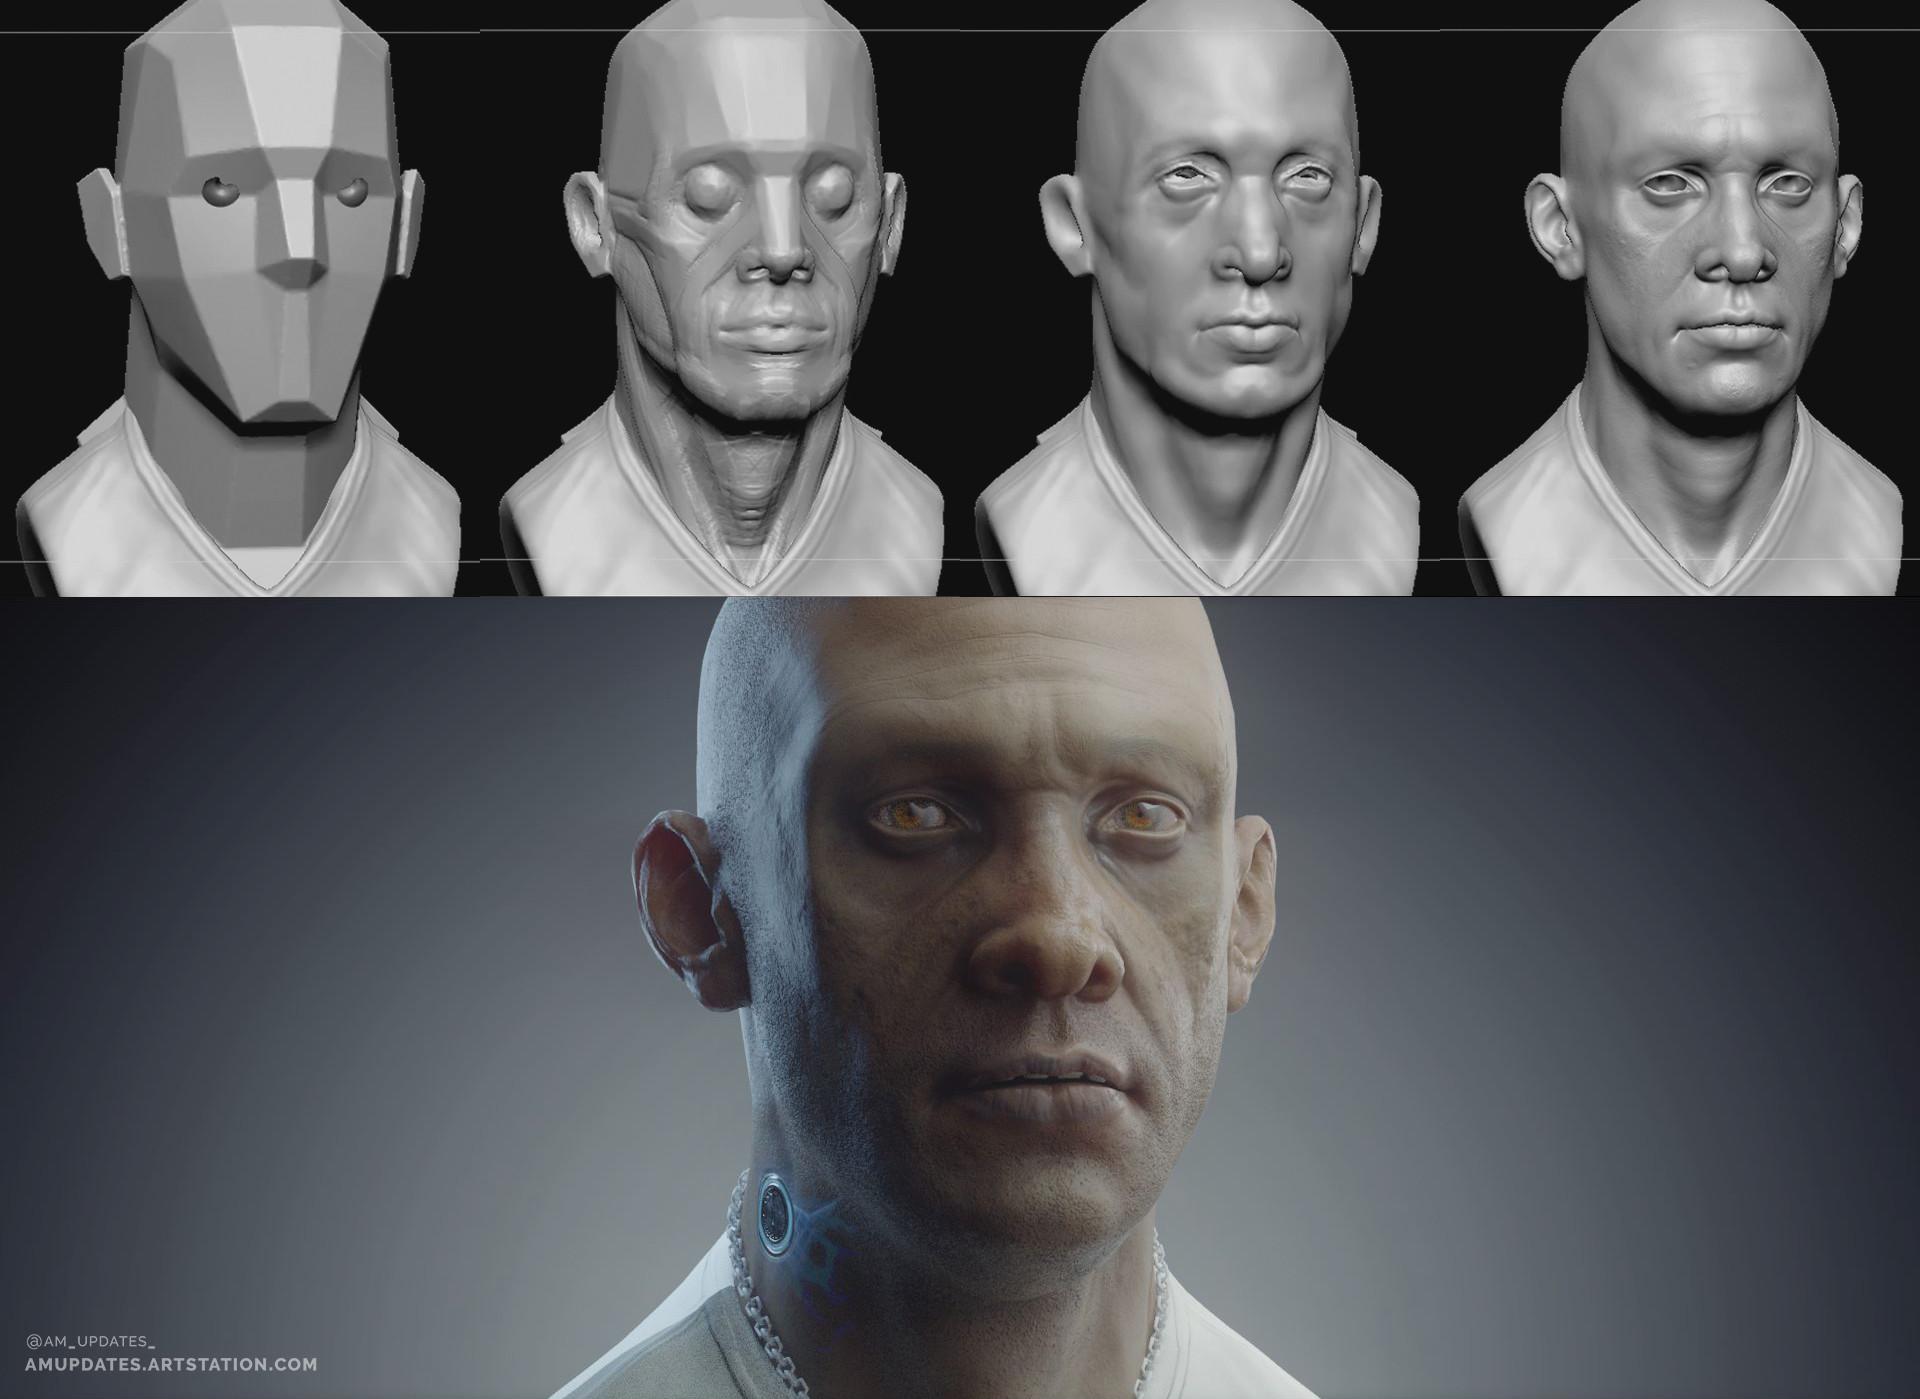 Sculpting progression